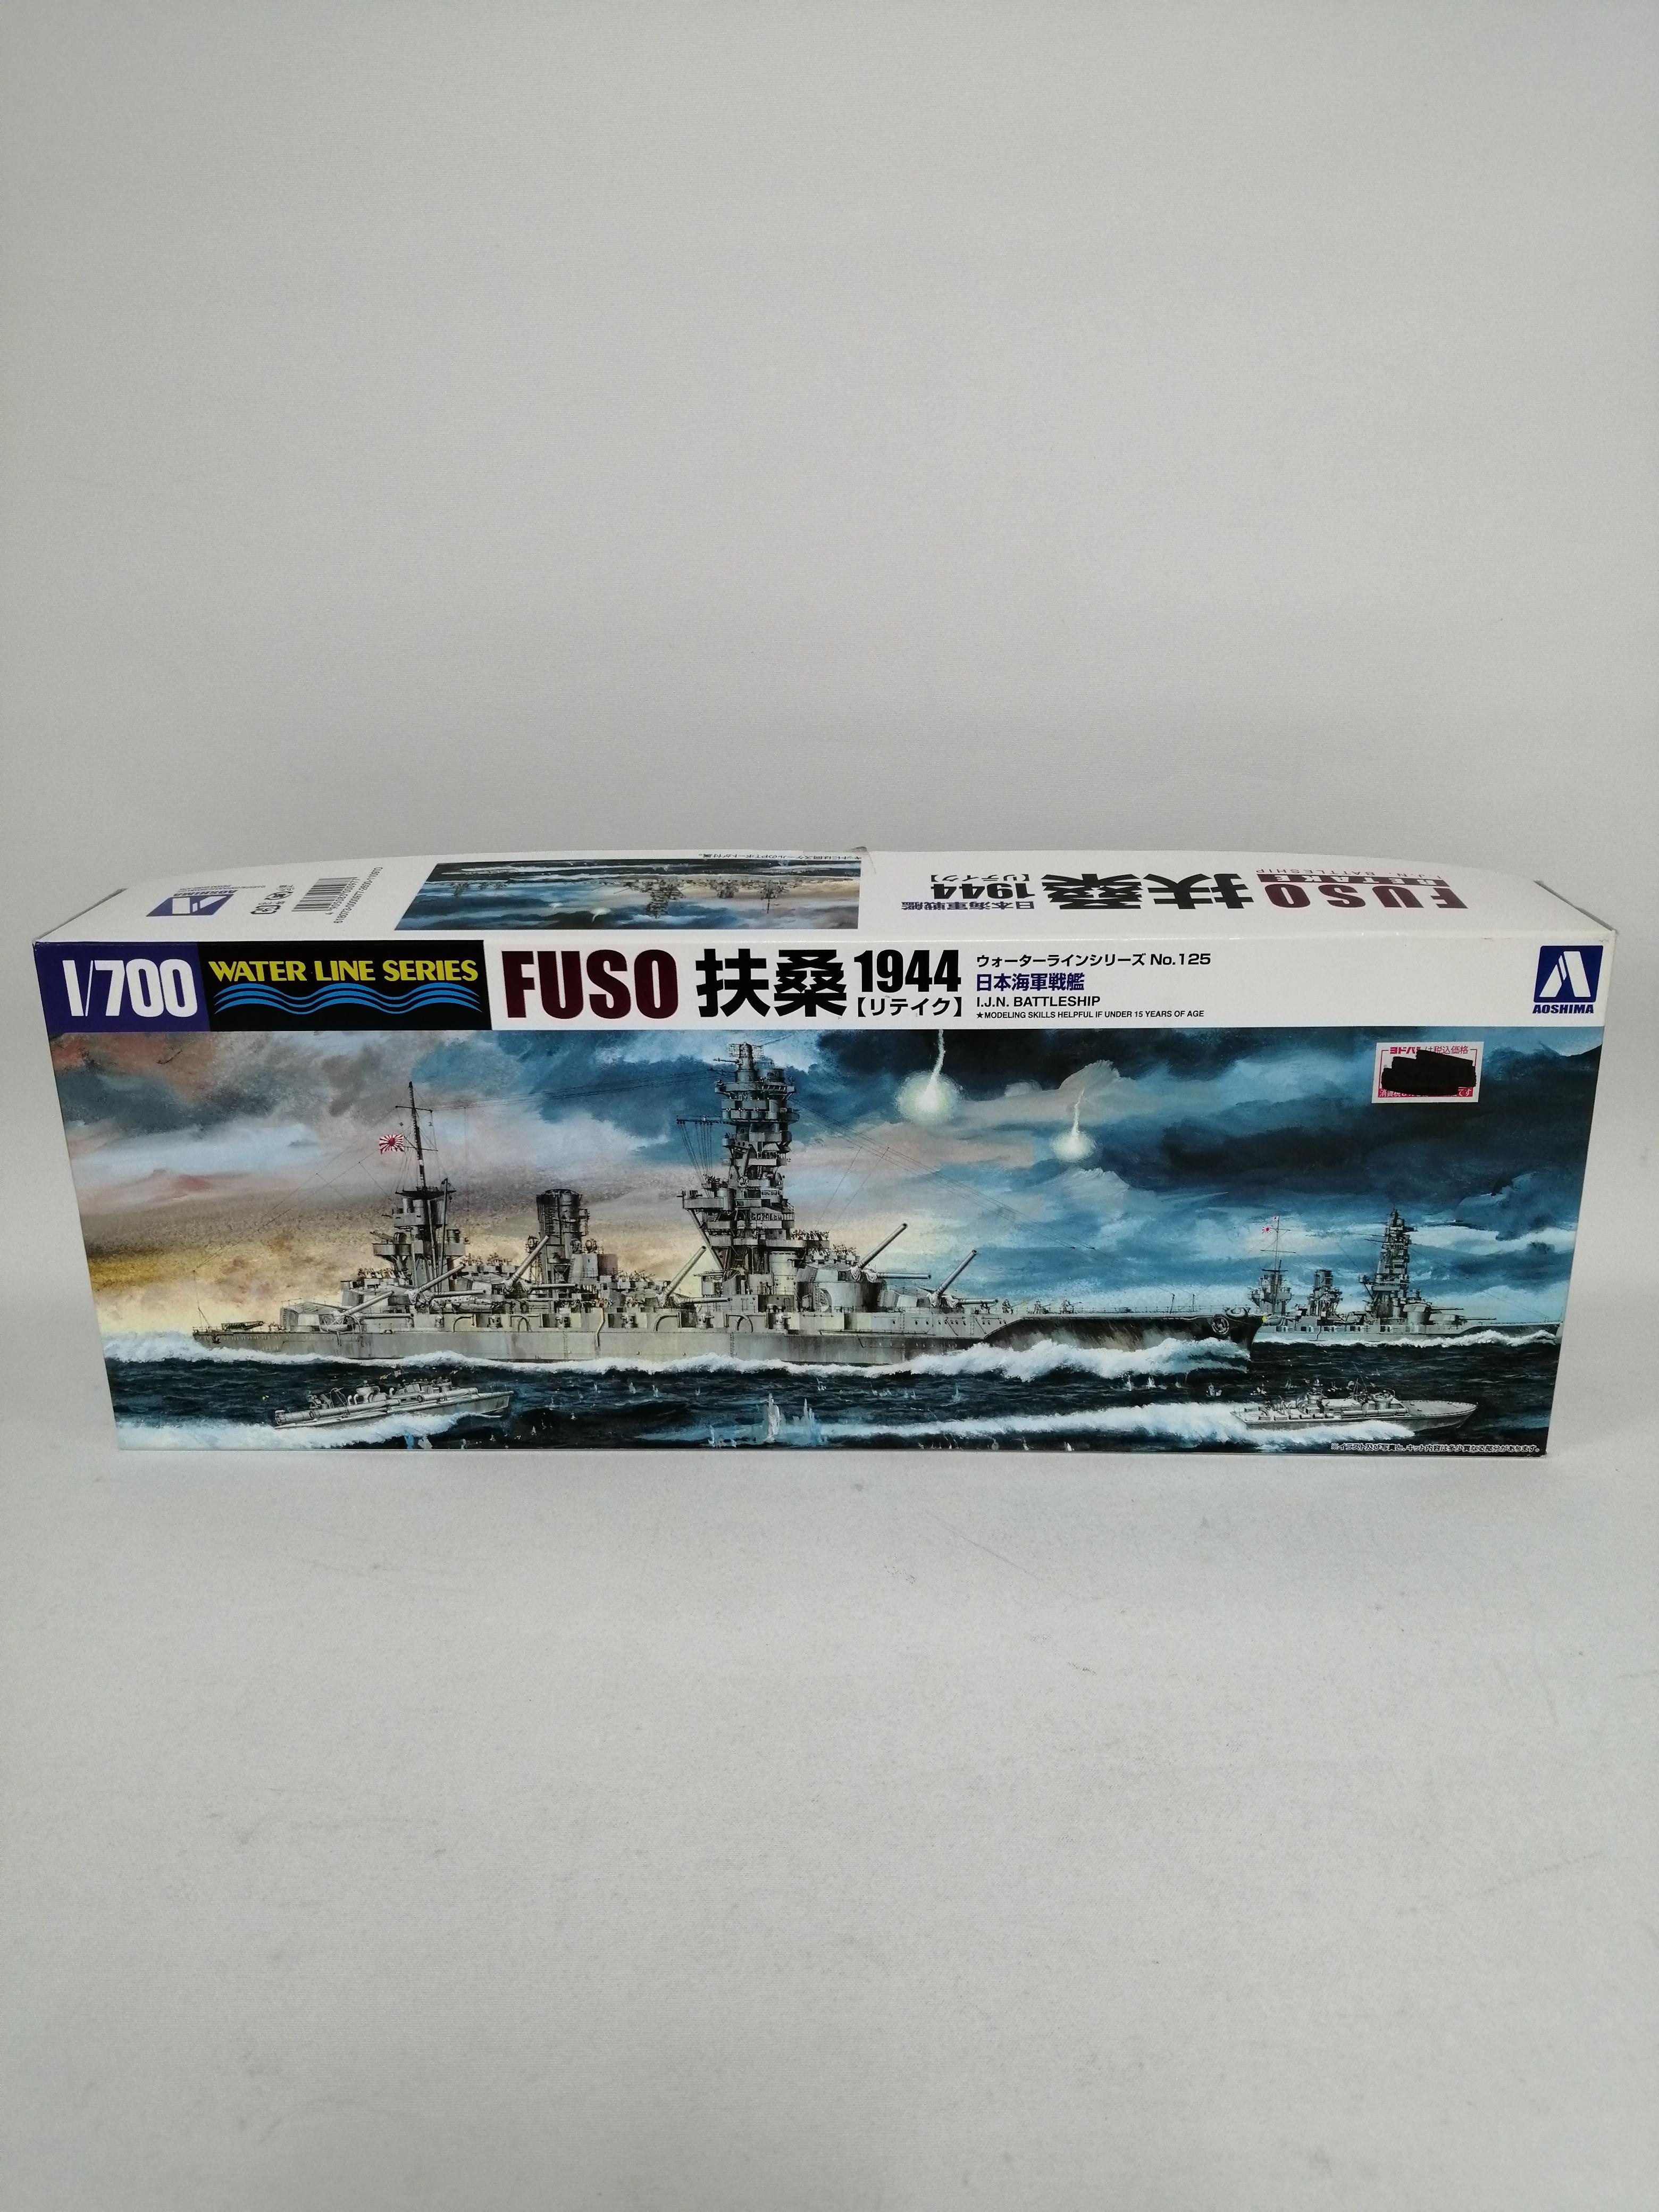 1/700 日本海軍戦艦 扶桑 1944 リテイク|青島文化教材社